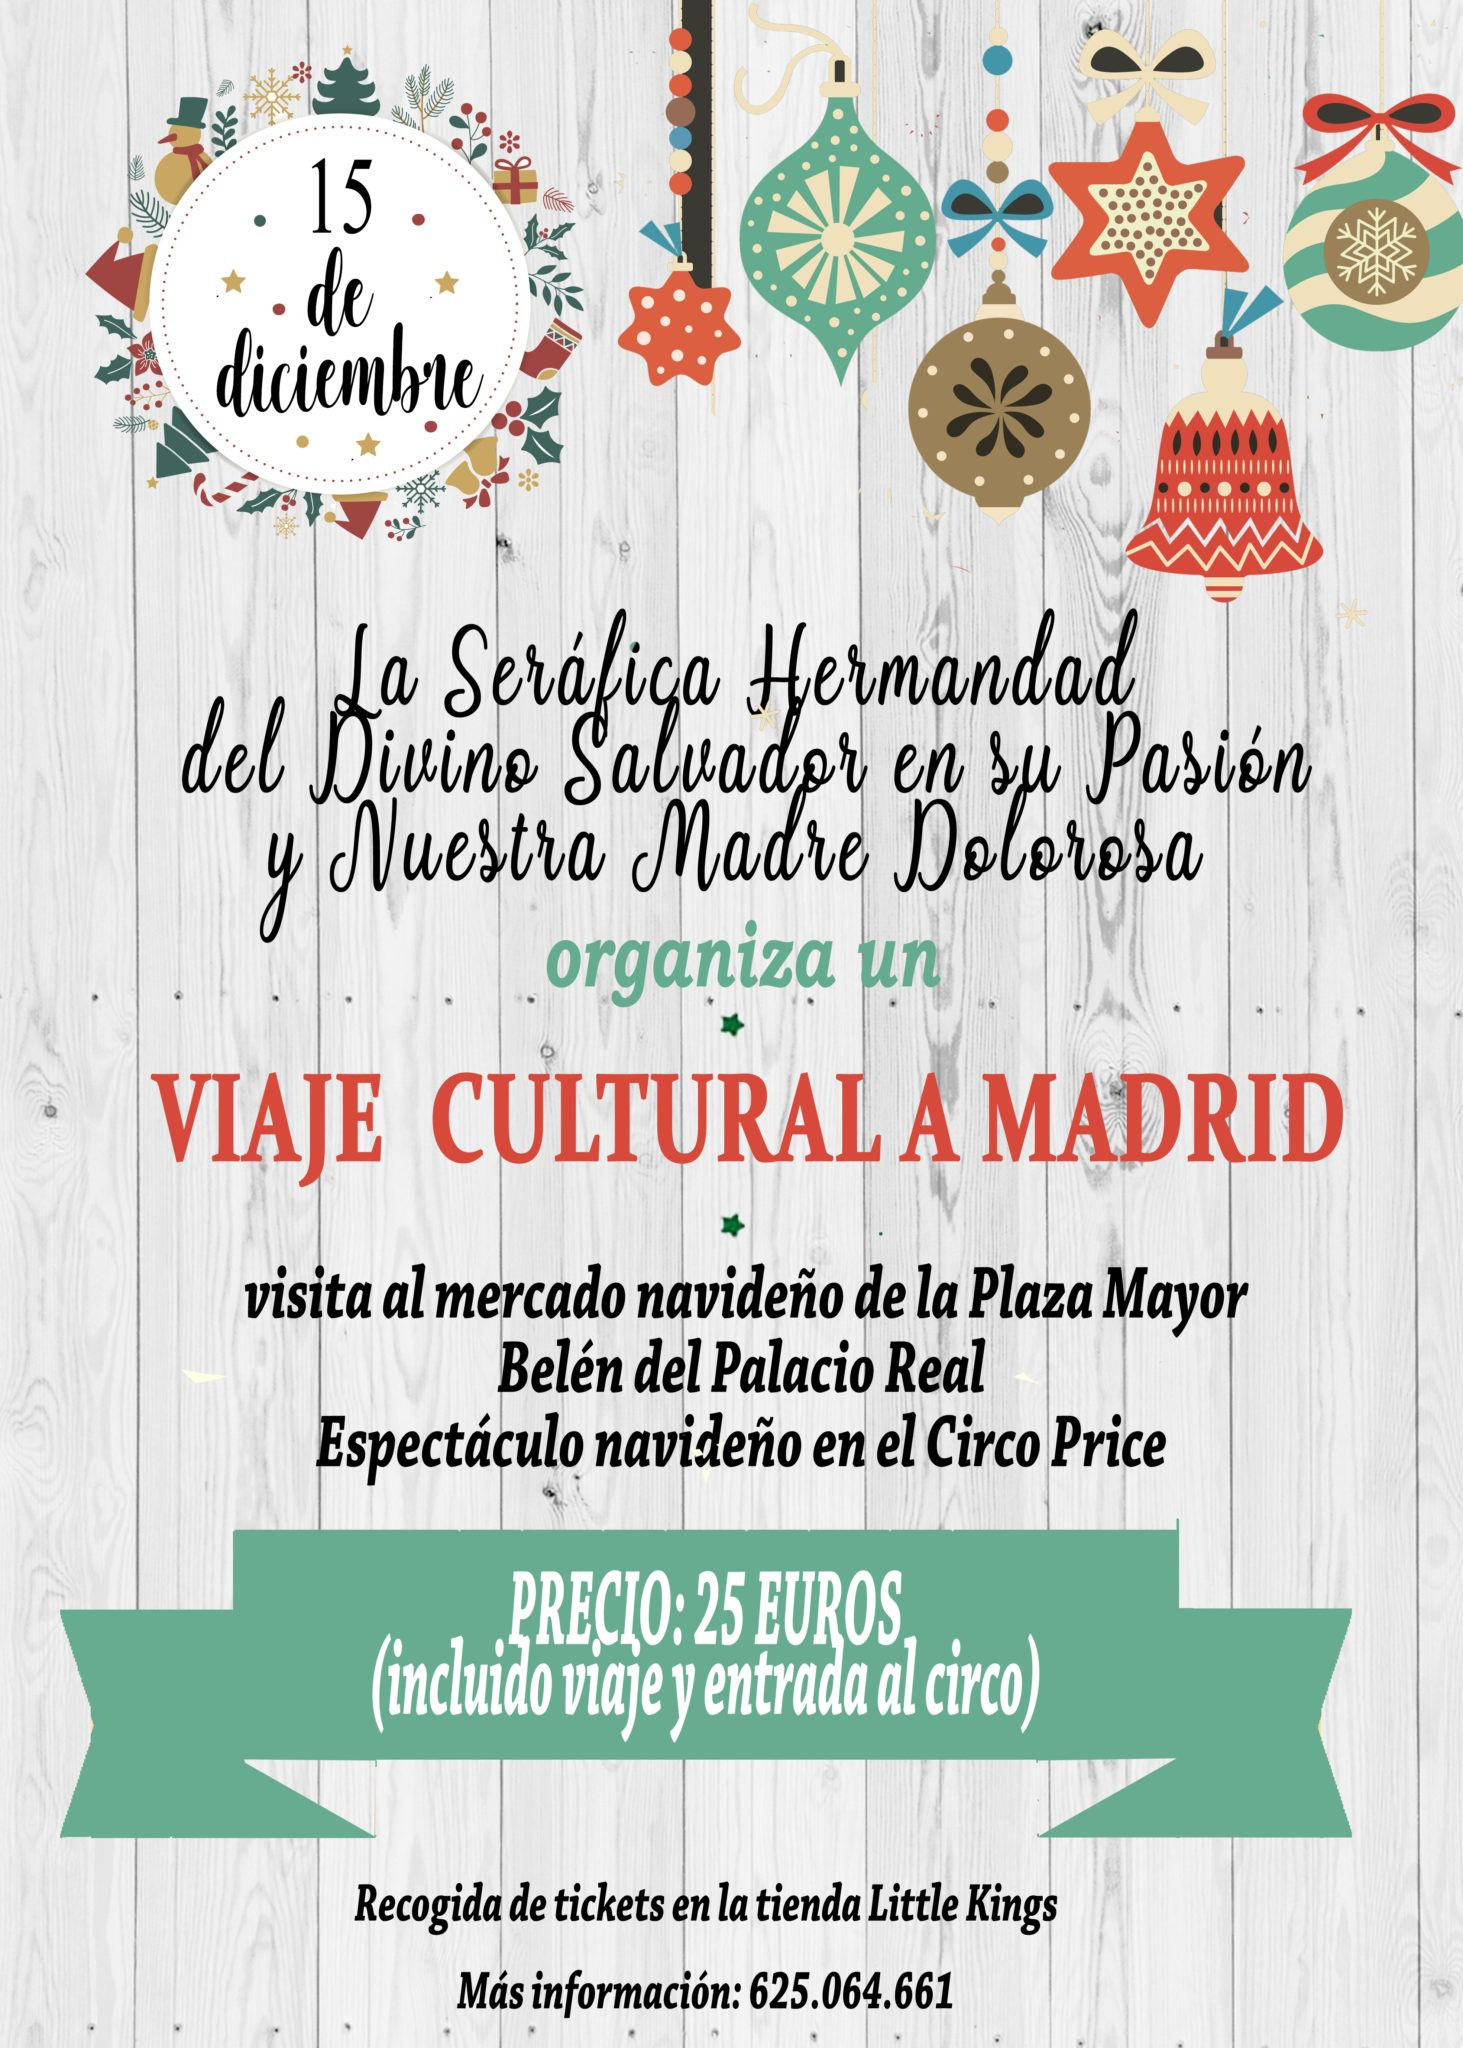 La Seráfica Hermandad de Béjar organiza una excursión cultural a Madrid para disfrutar del ambiente navideño